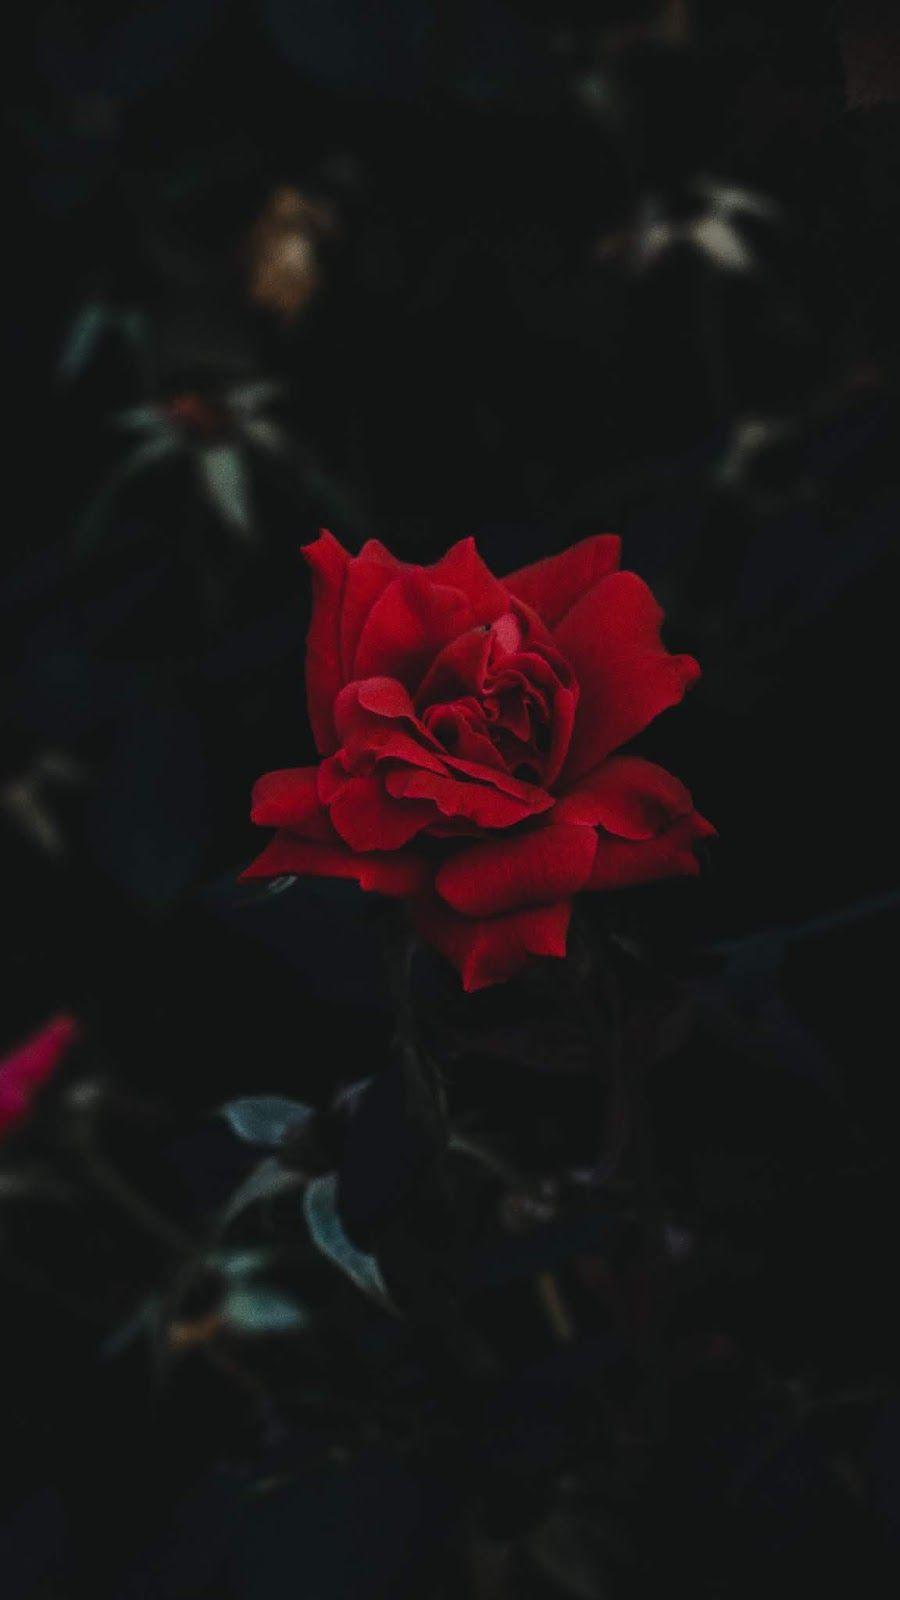 Red Rose Rose Wallpaper Wallpaper Iphone Roses Red Roses Wallpaper